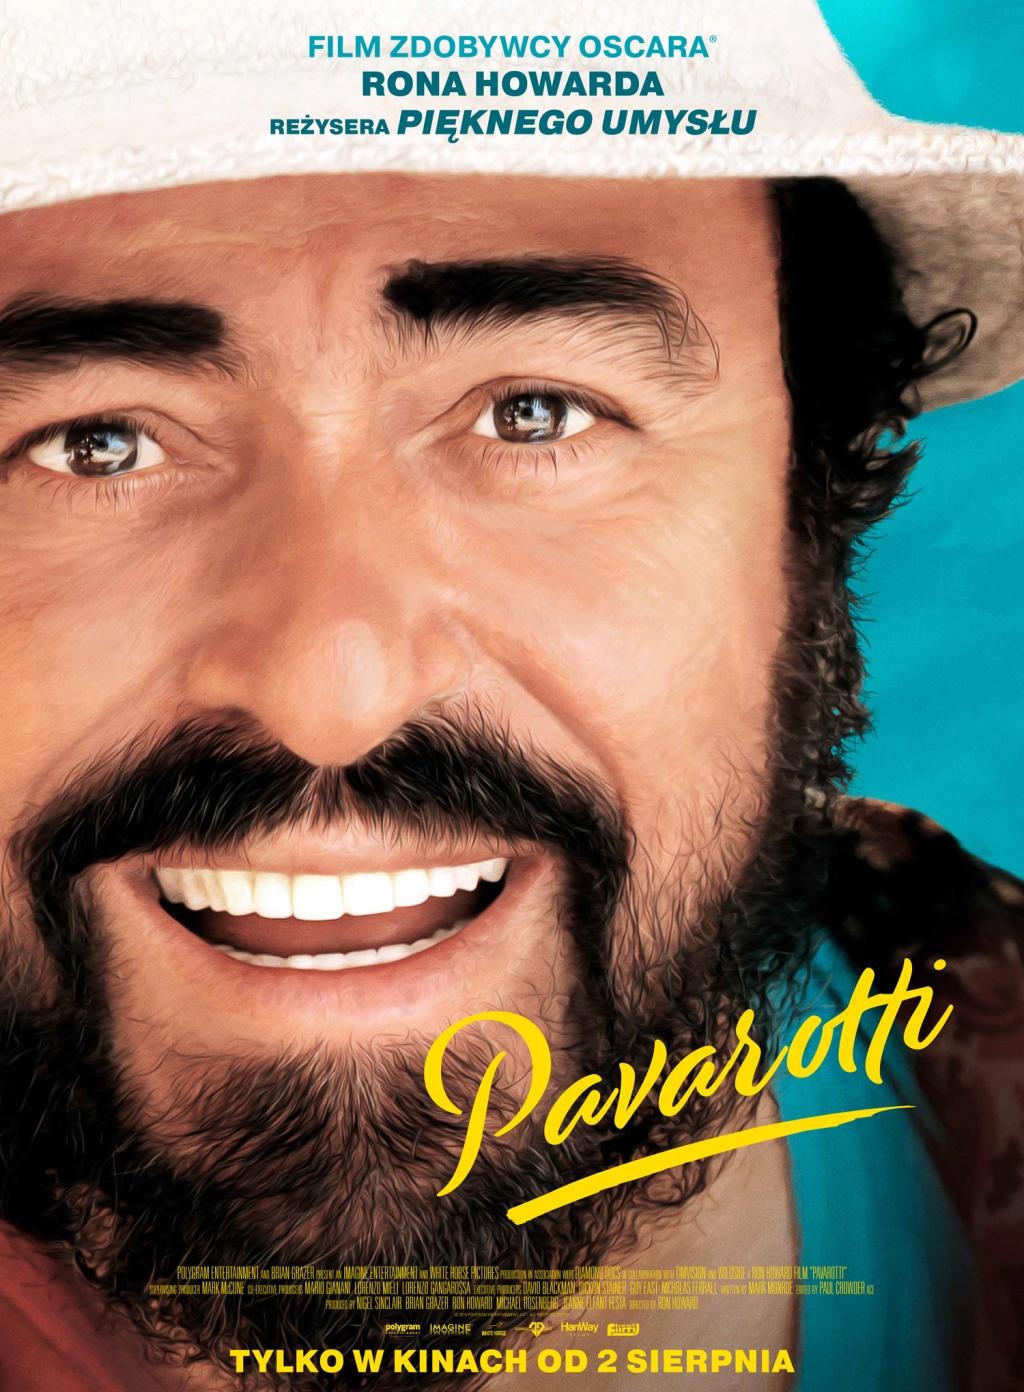 Pavarotti_bez-patronow.jpg